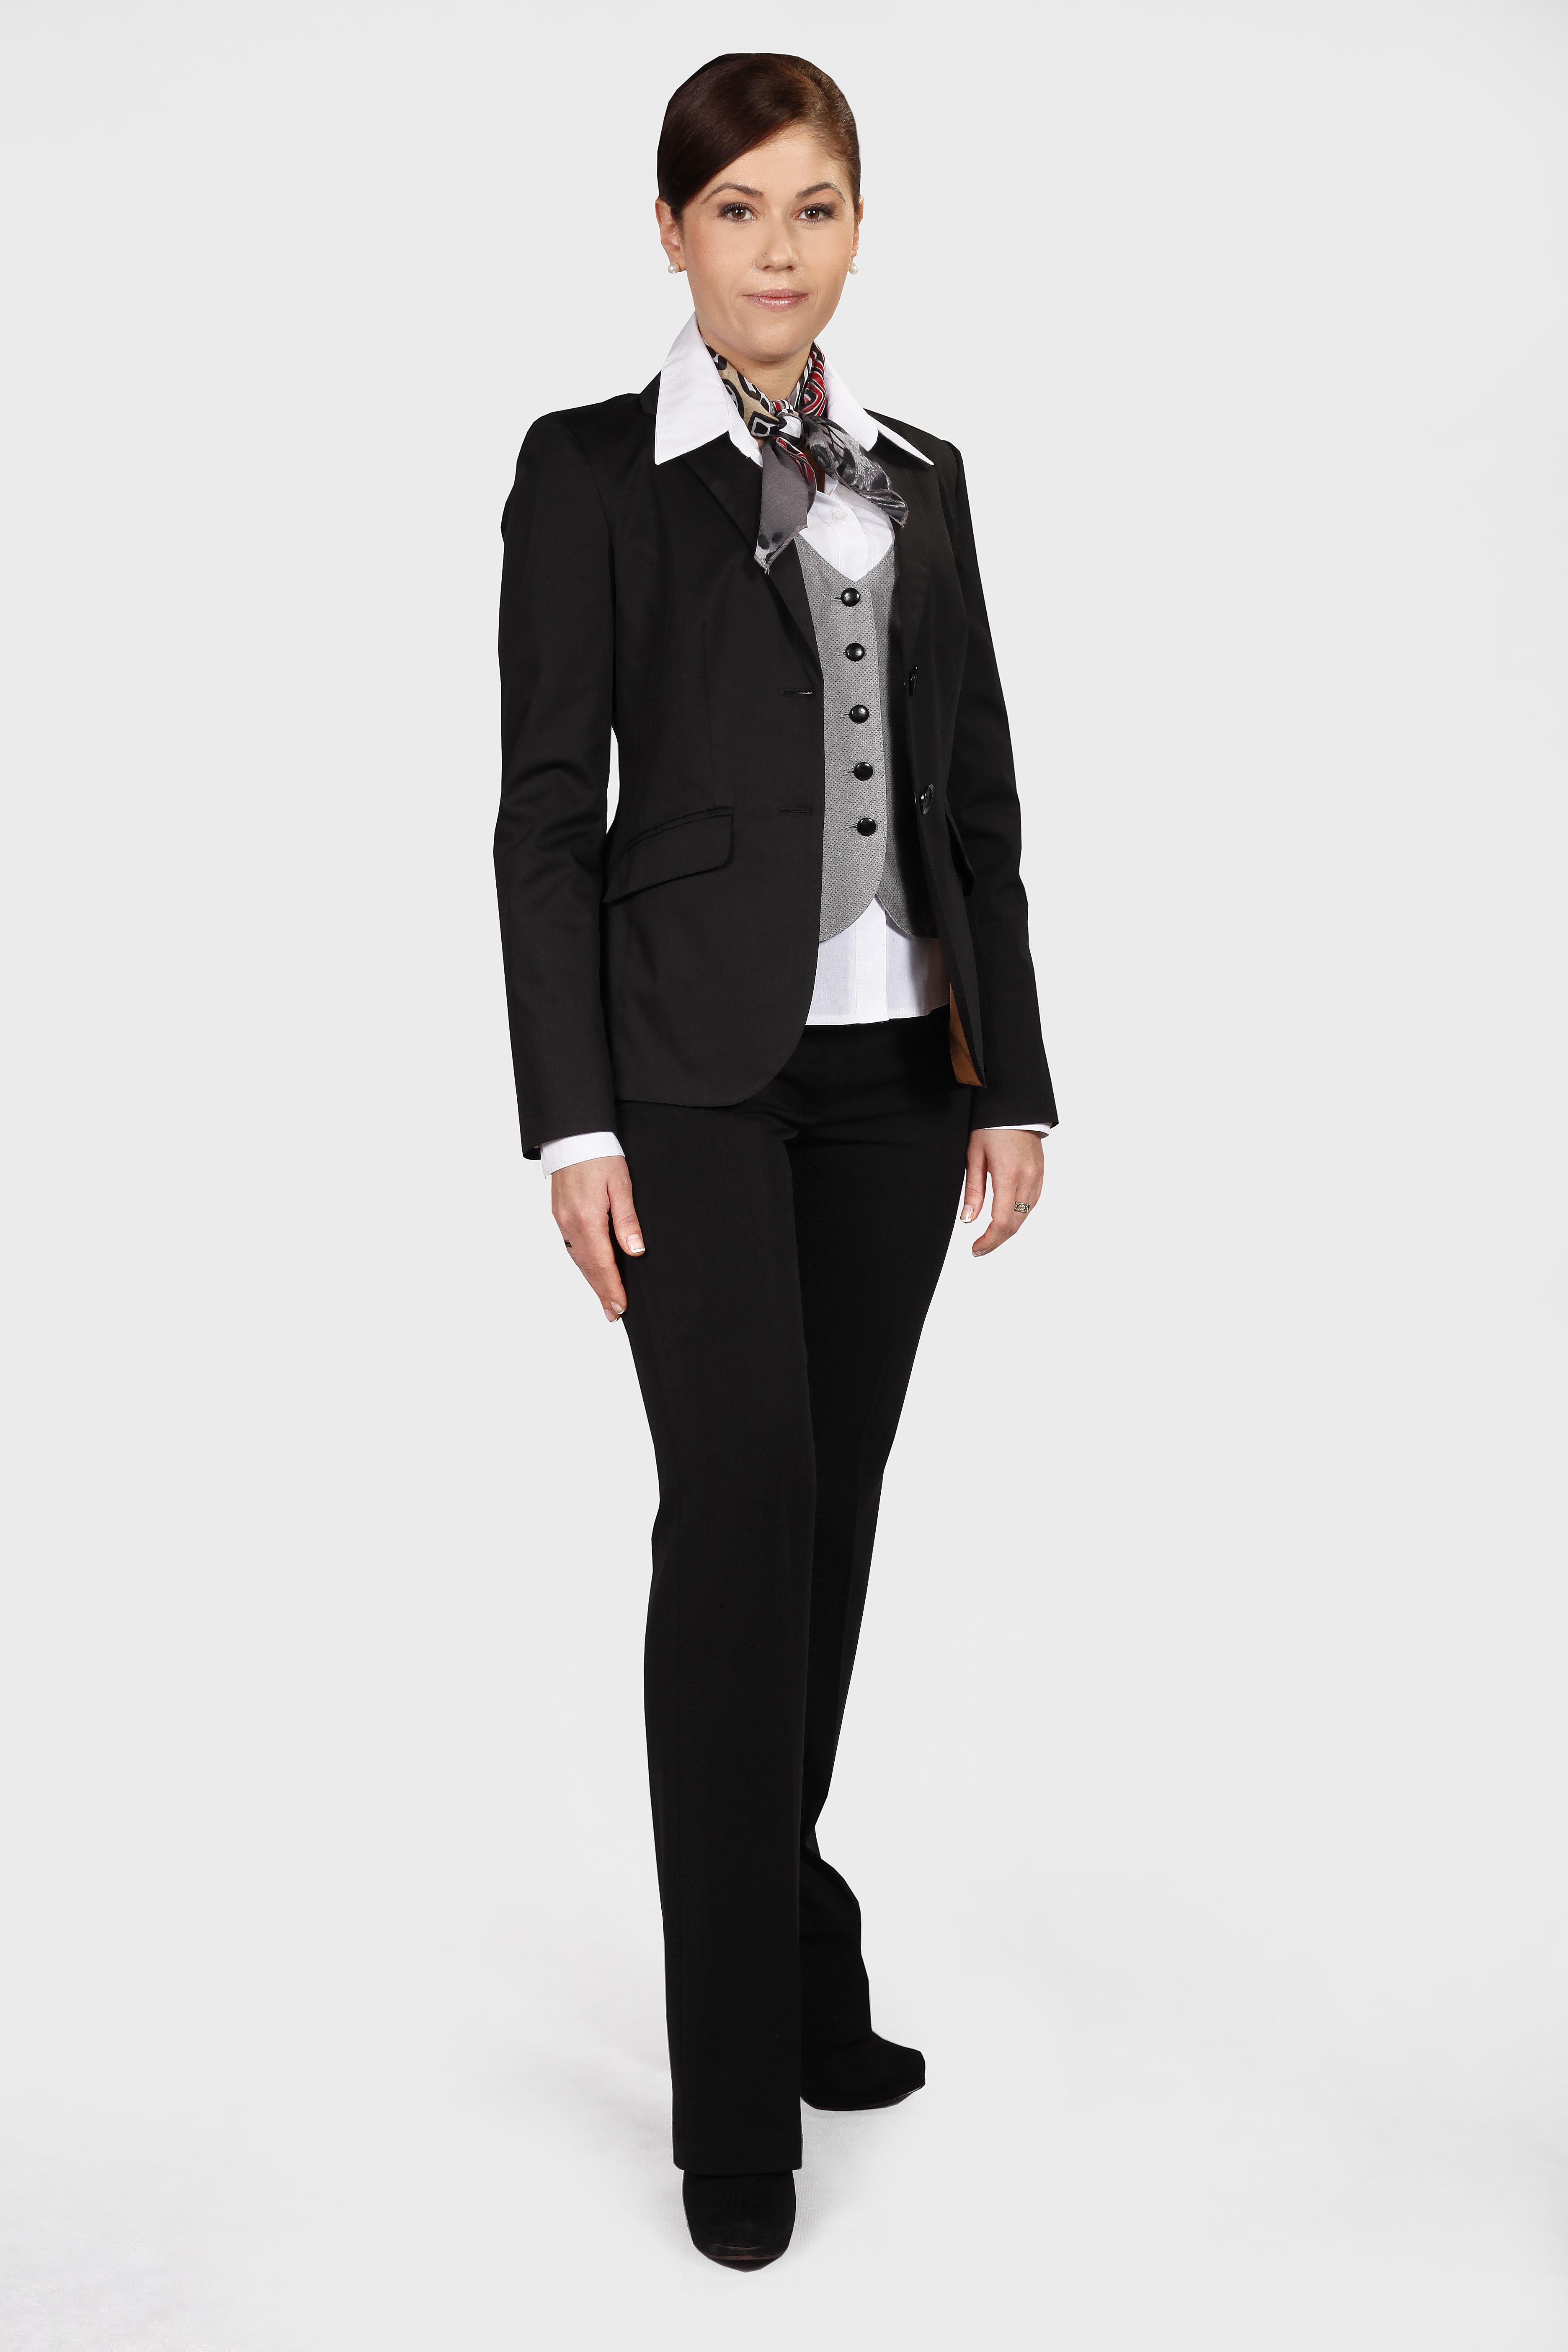 Odziez hotelowa - eleganckie ubranie pracownicze